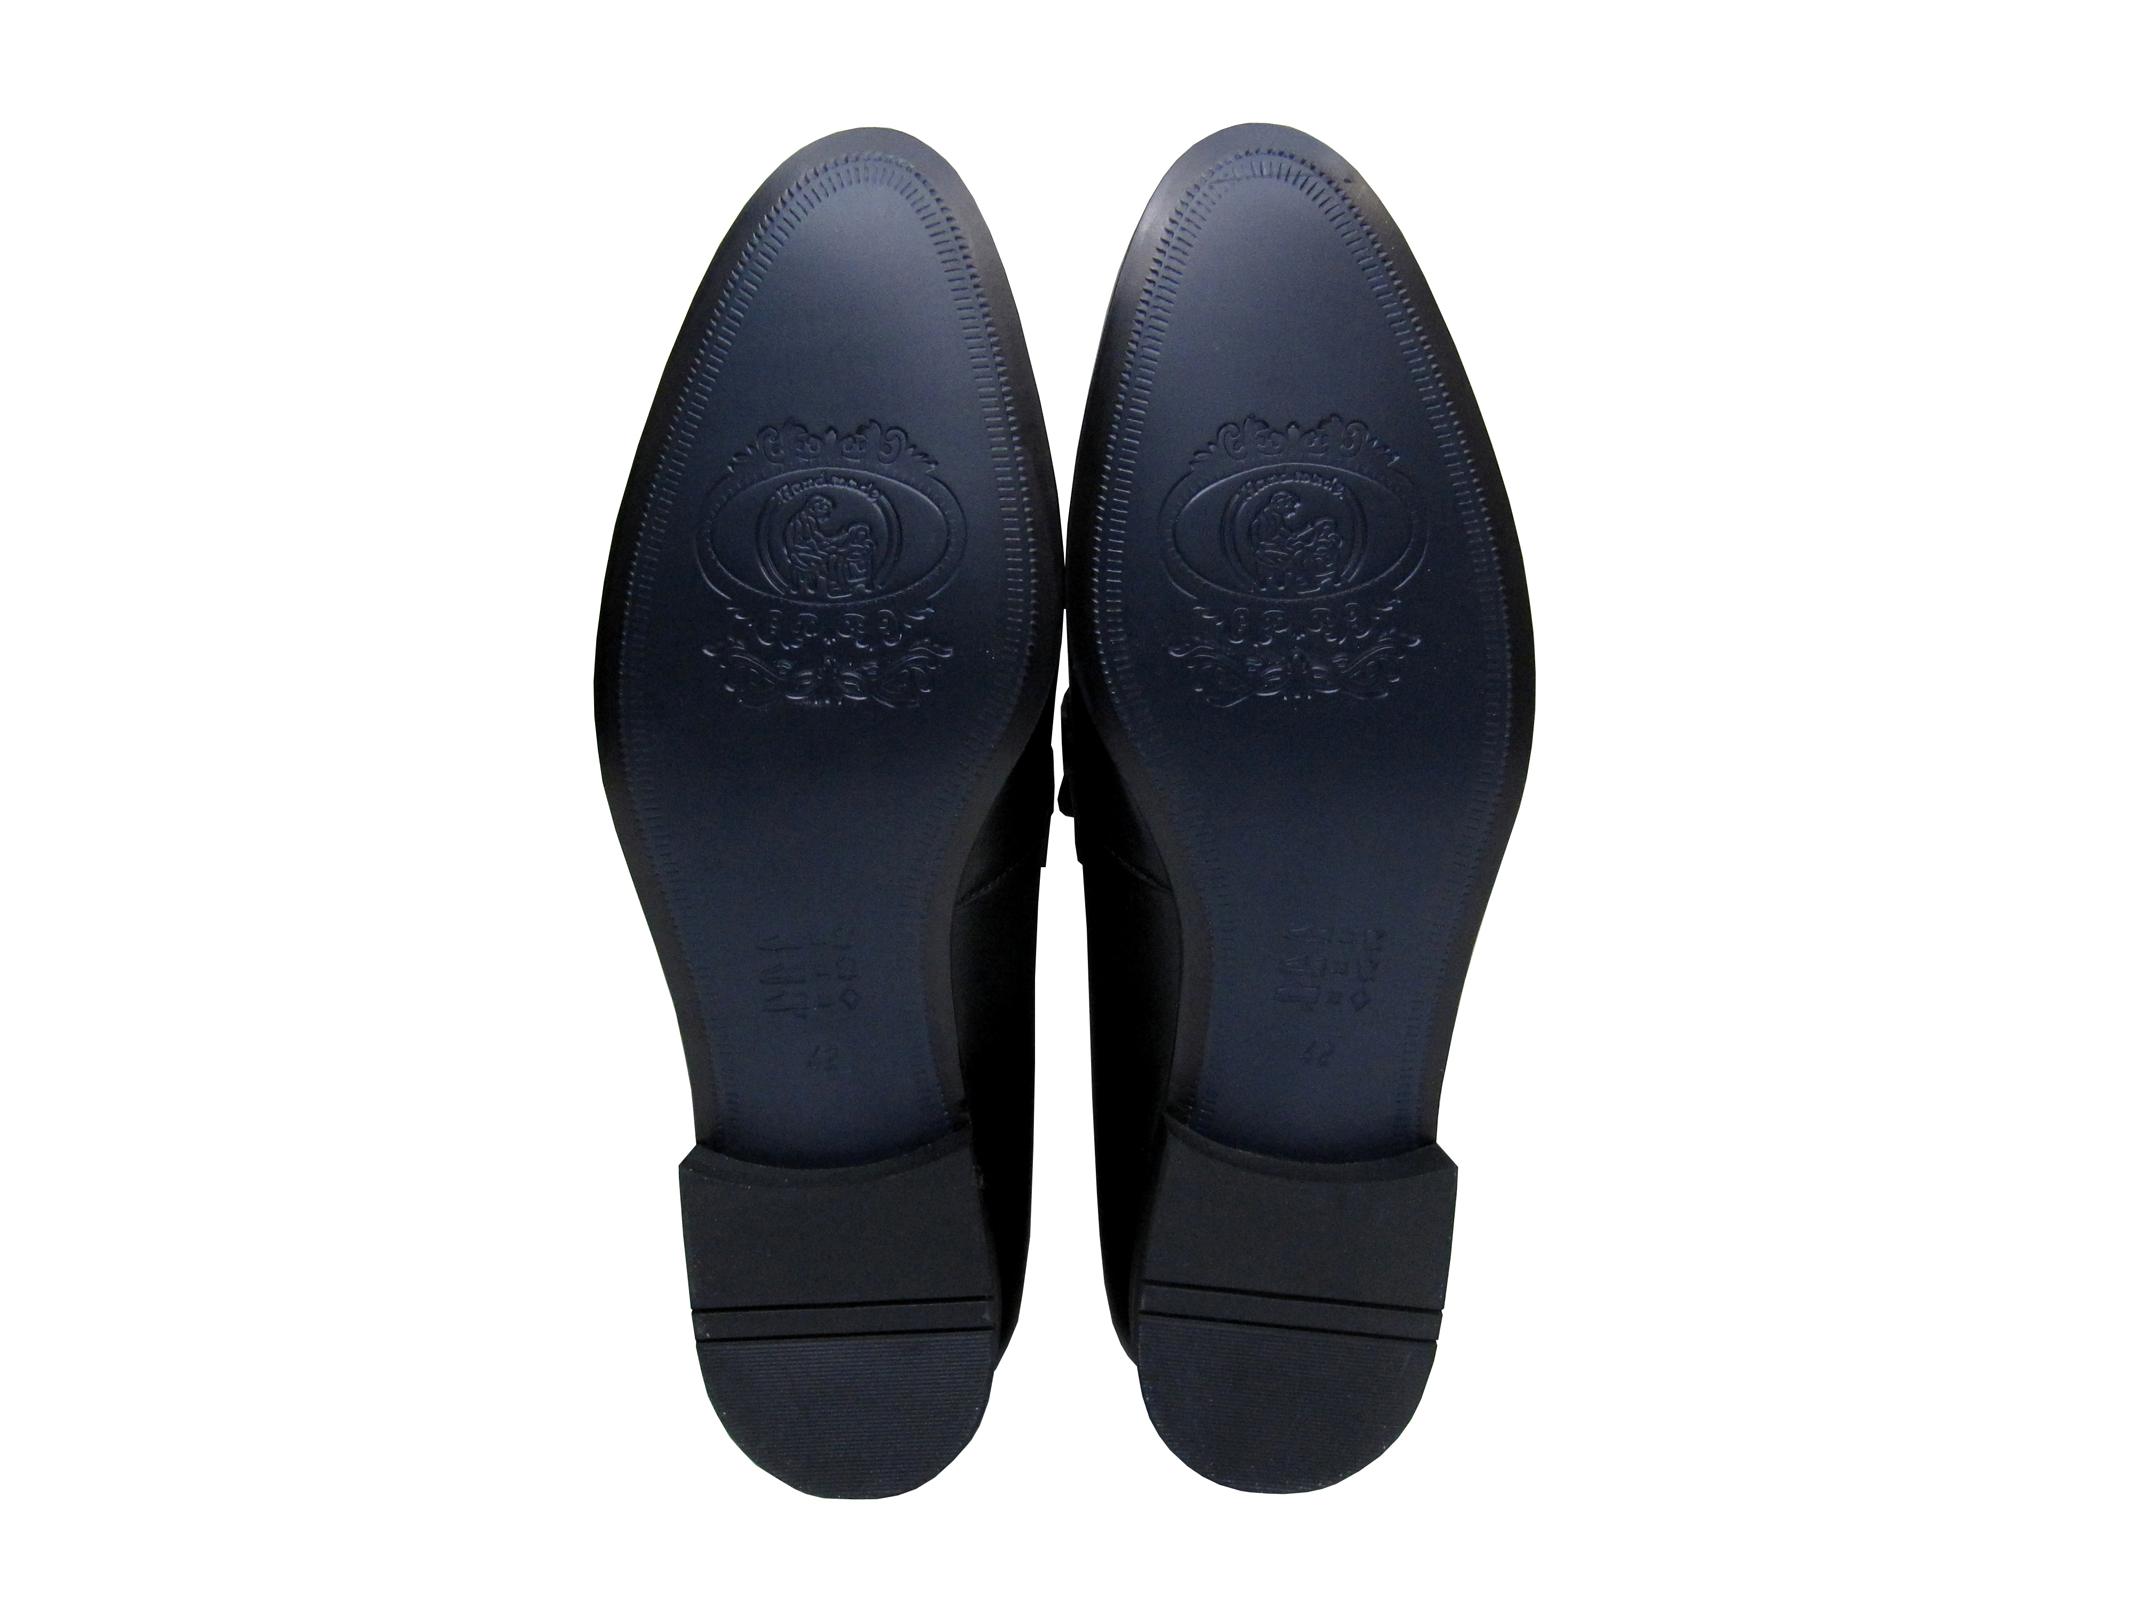 bdc90008d9b3c1 Business-Freizeit Herrenschuhe mit Zierspange - Leder Schuhe